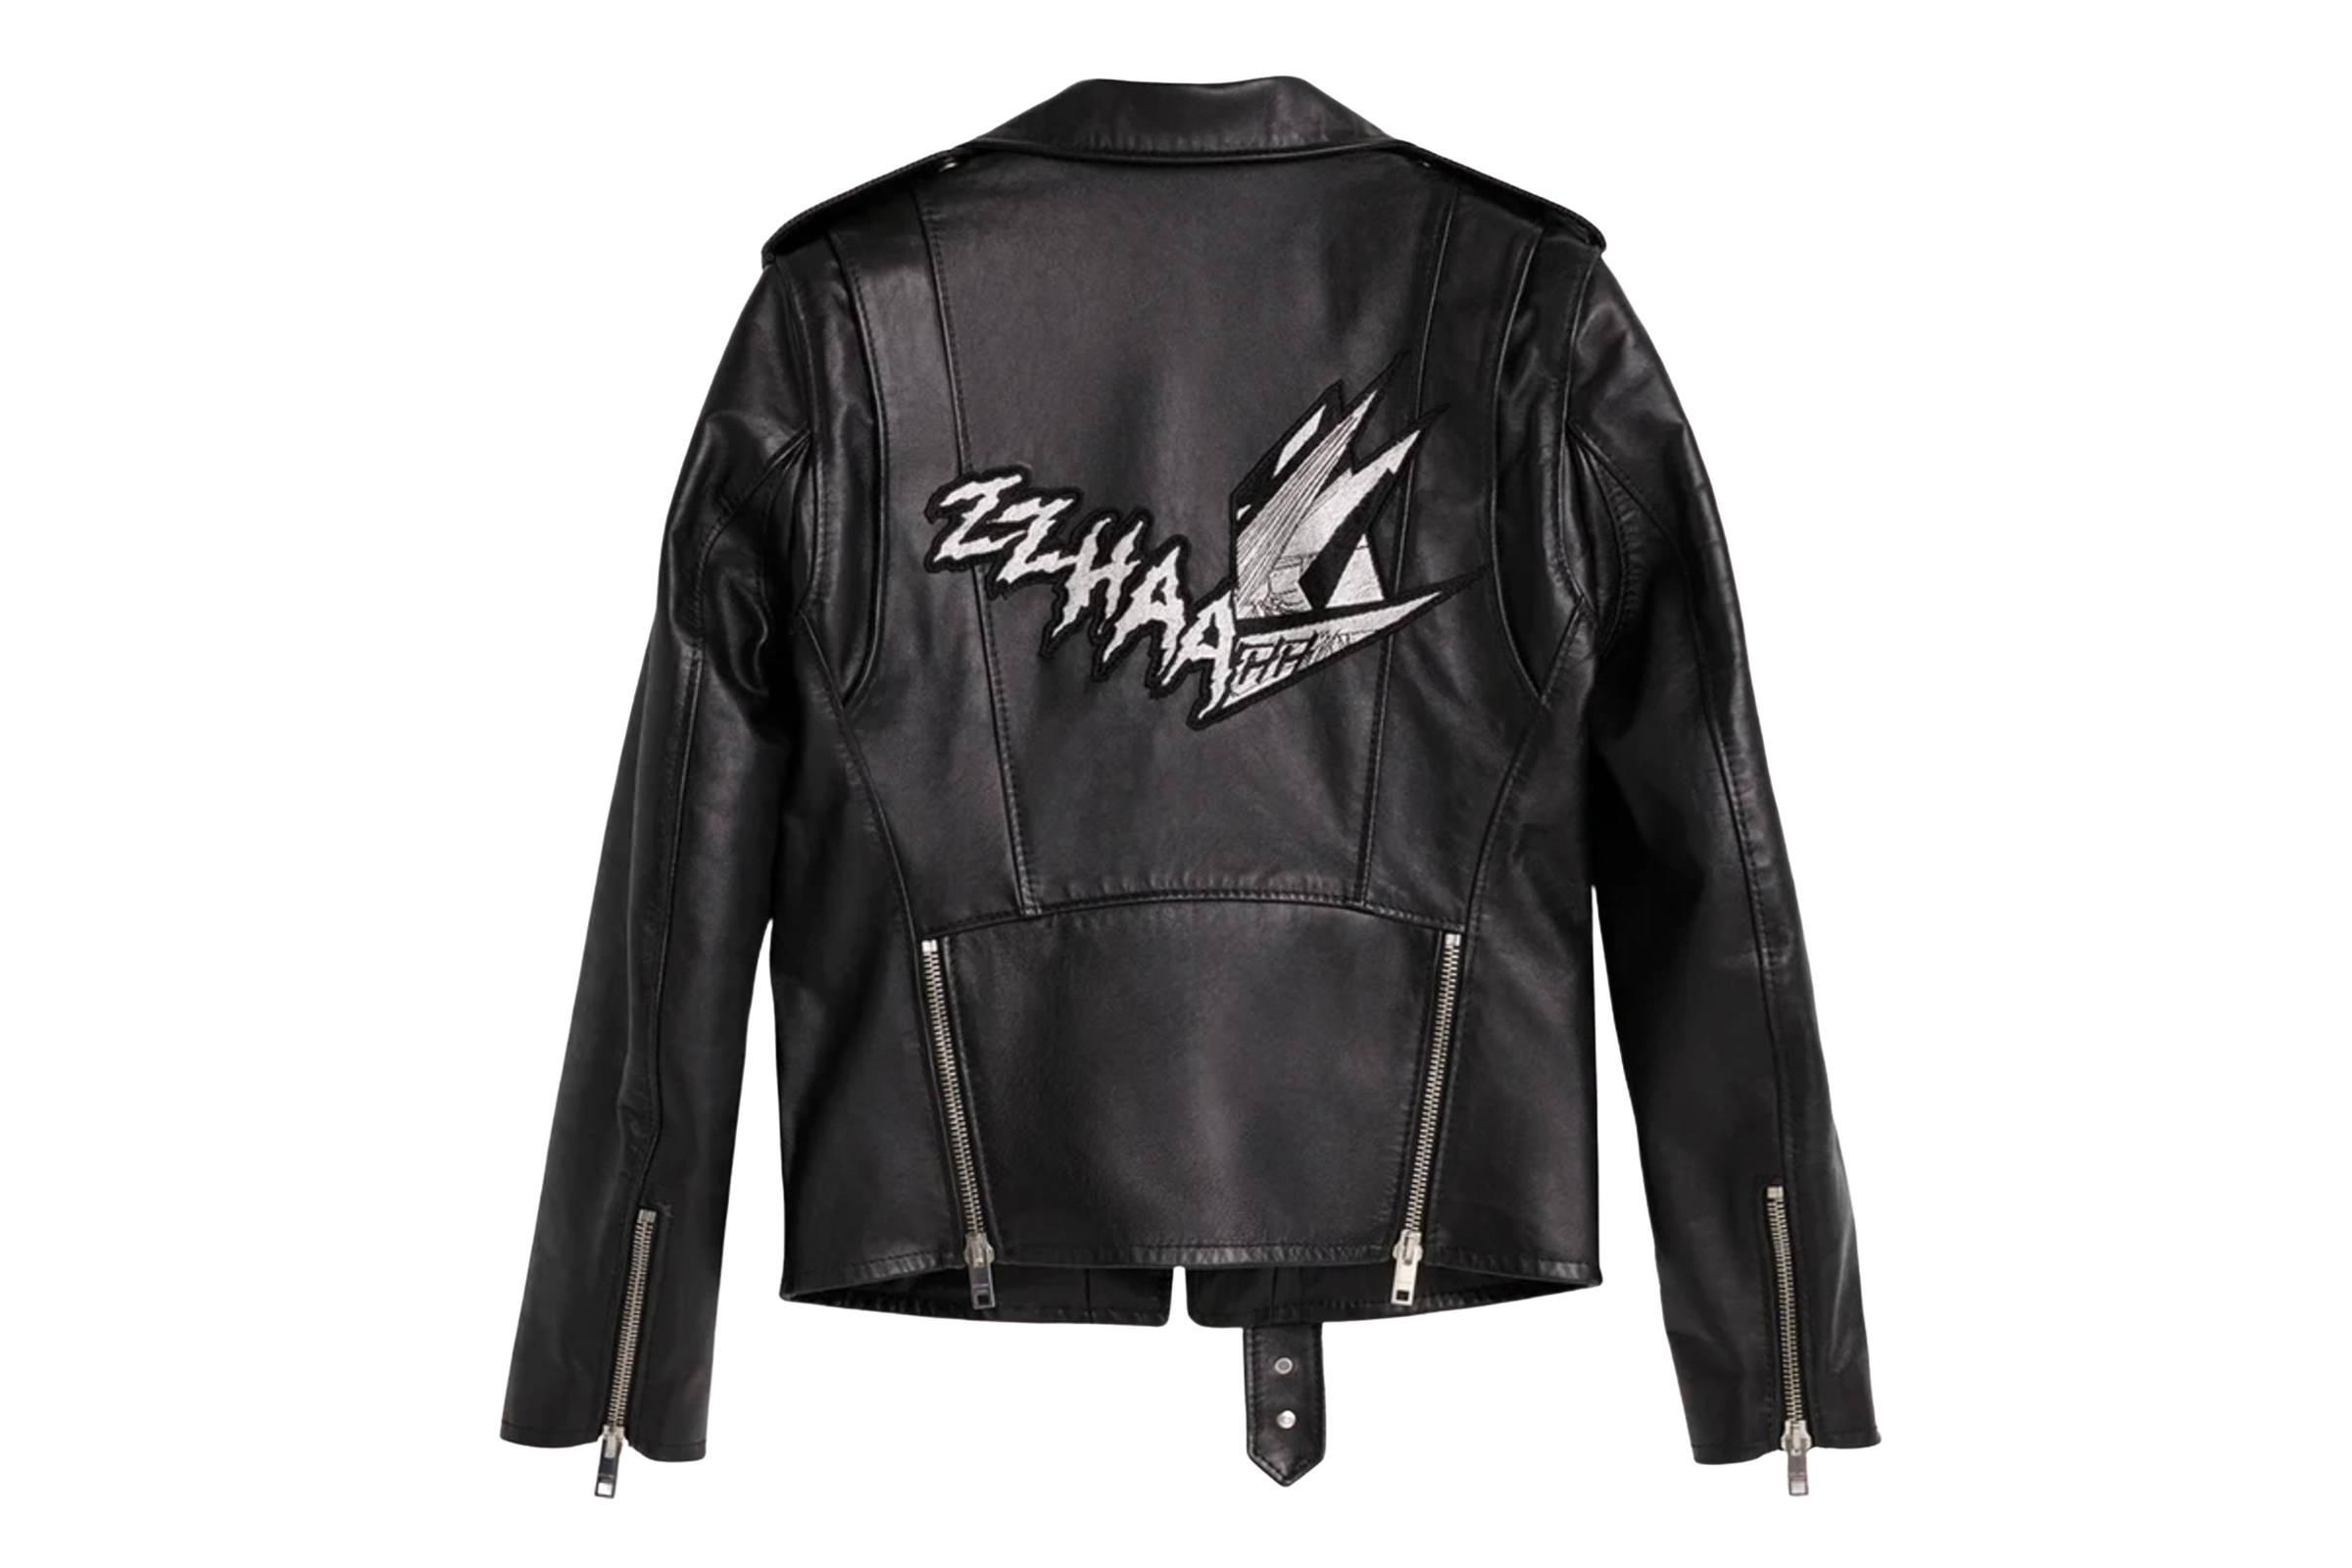 Celine Spring/Summer 2019 'Zzhaa Zow' Patch Biker Jacket